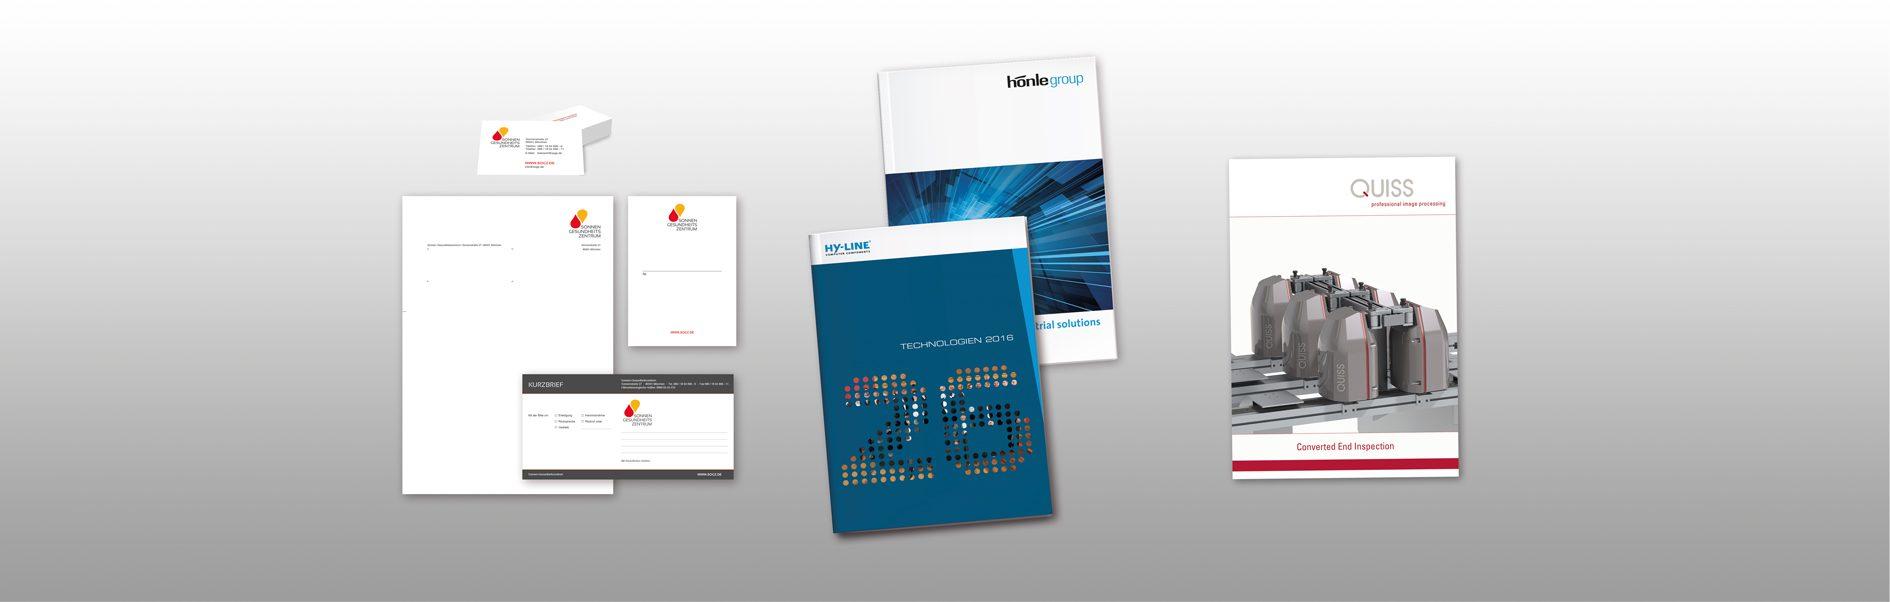 Hier ist ein Beispiel für eine Geschäftsausstattung, eine Broschüren und ein Produktfolder abgebildet.